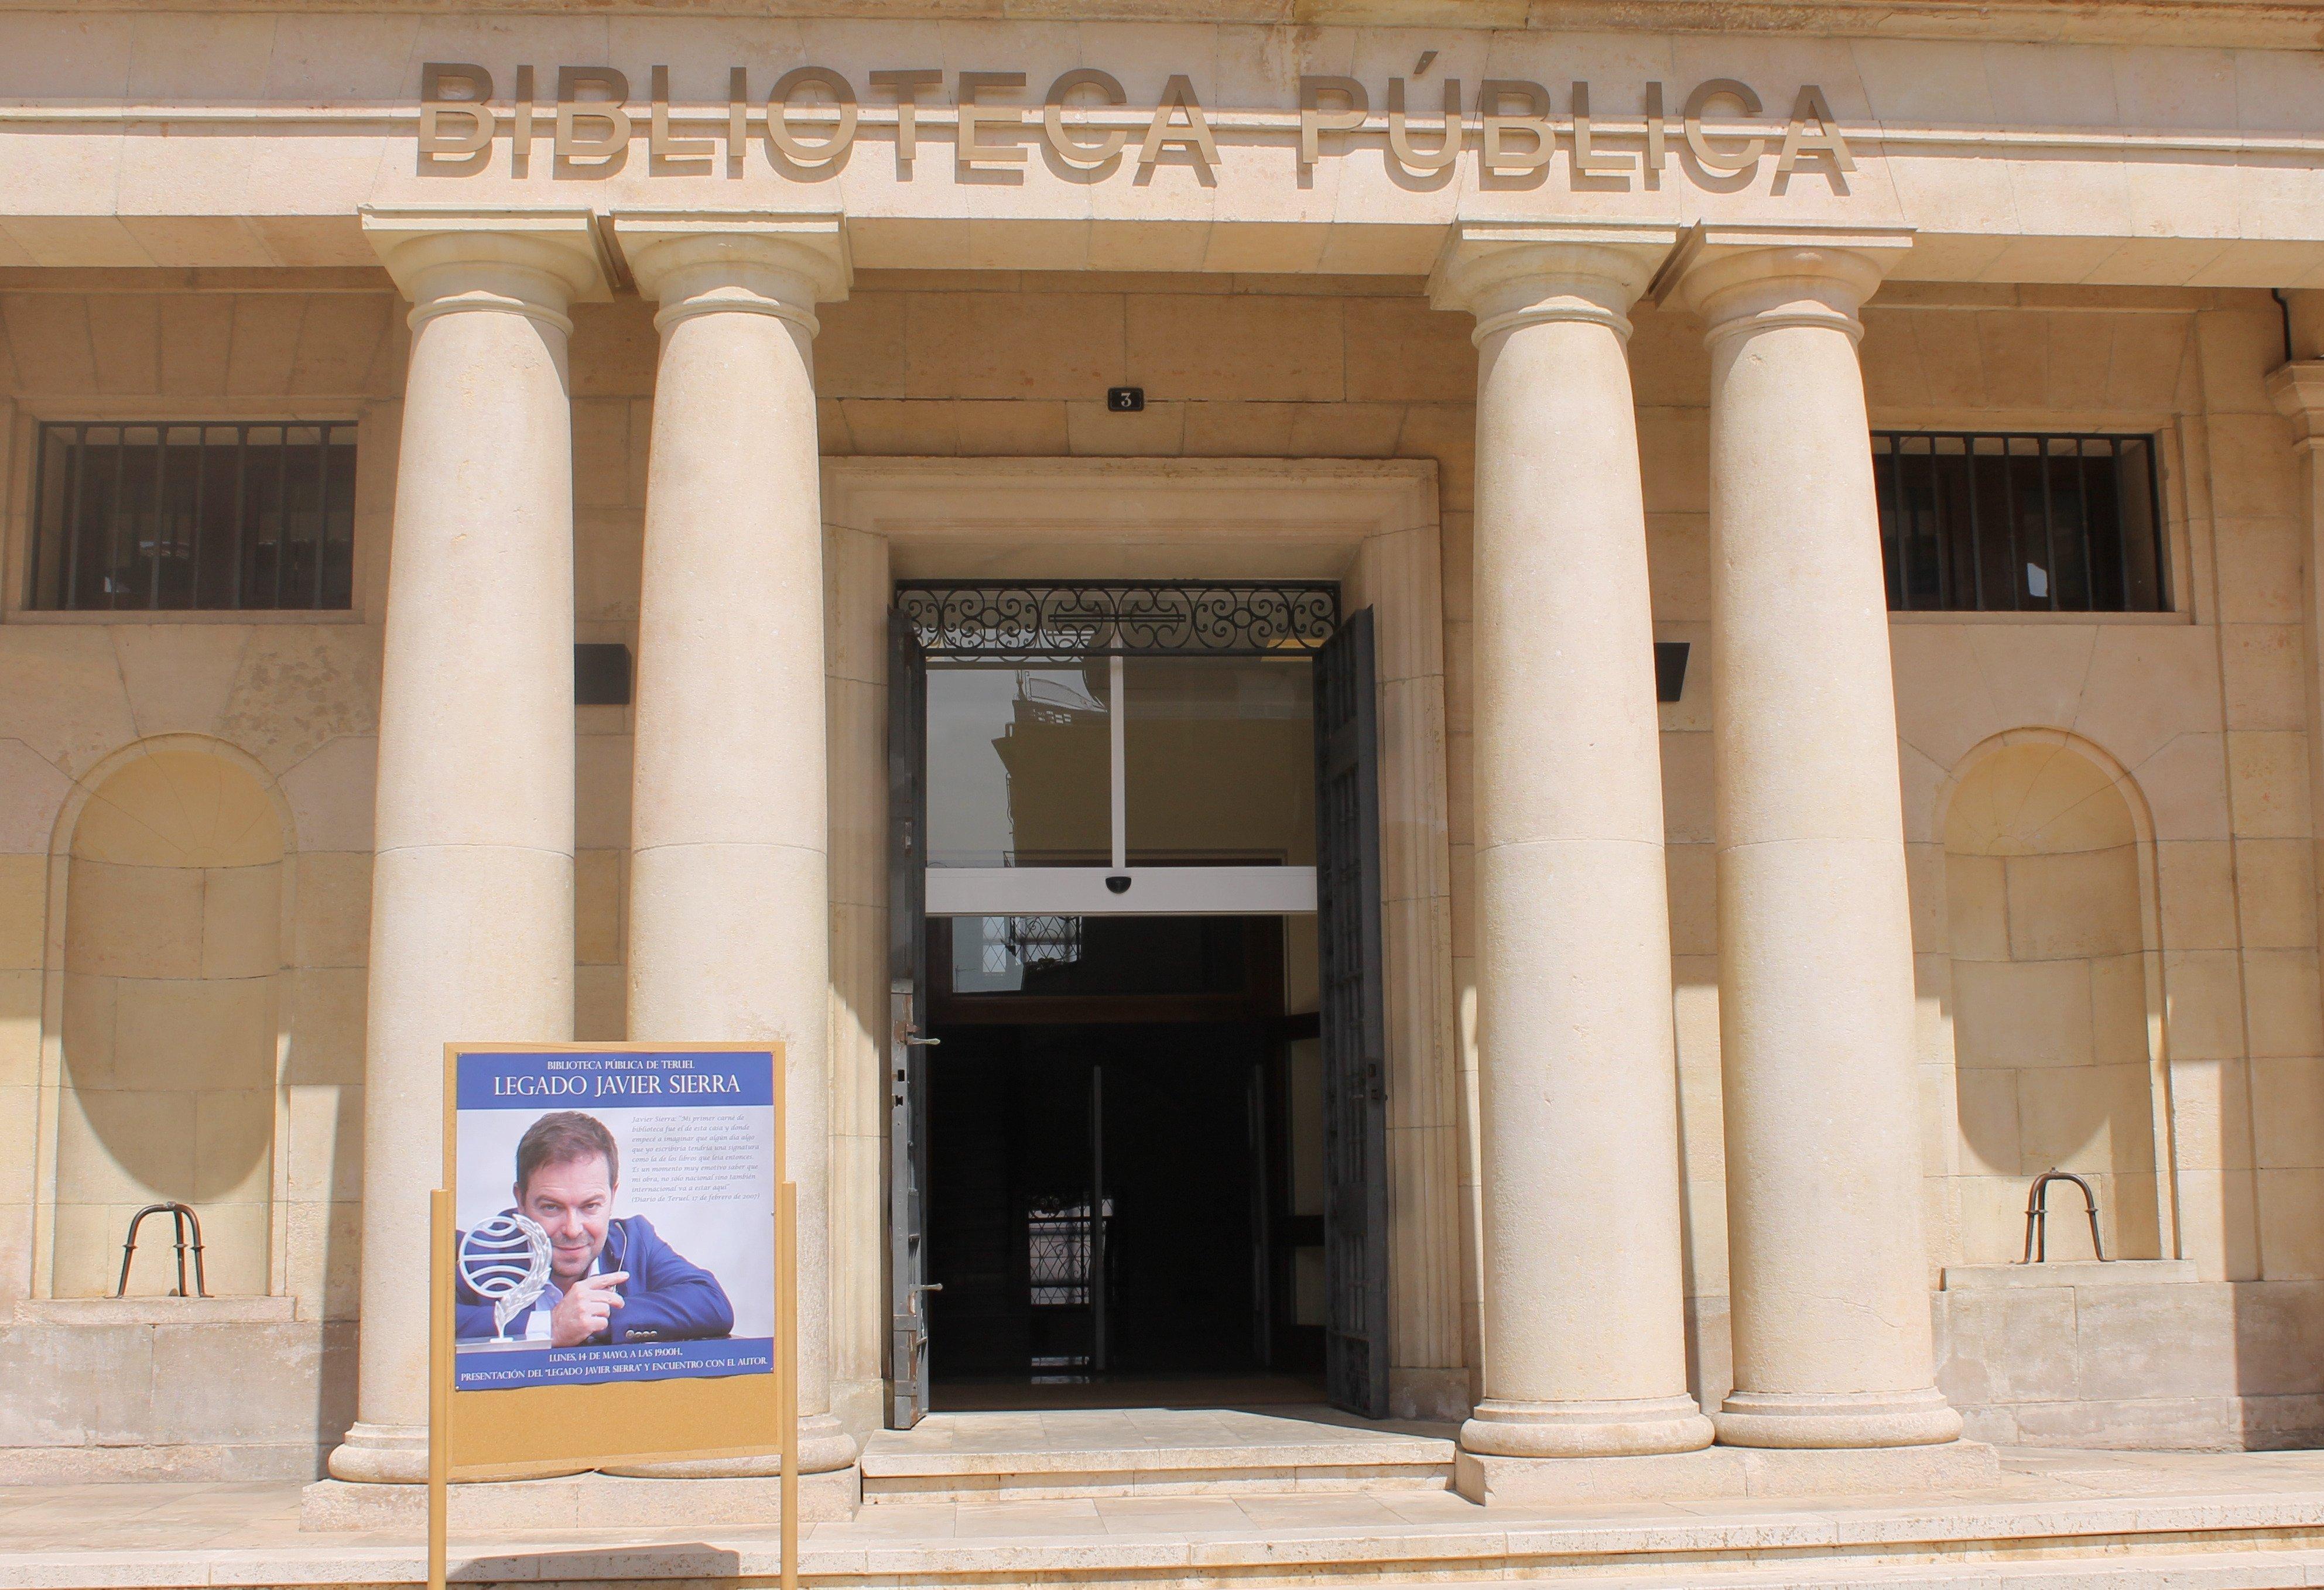 Biblioteca Pública del Estado en Teruel Javier Sierra